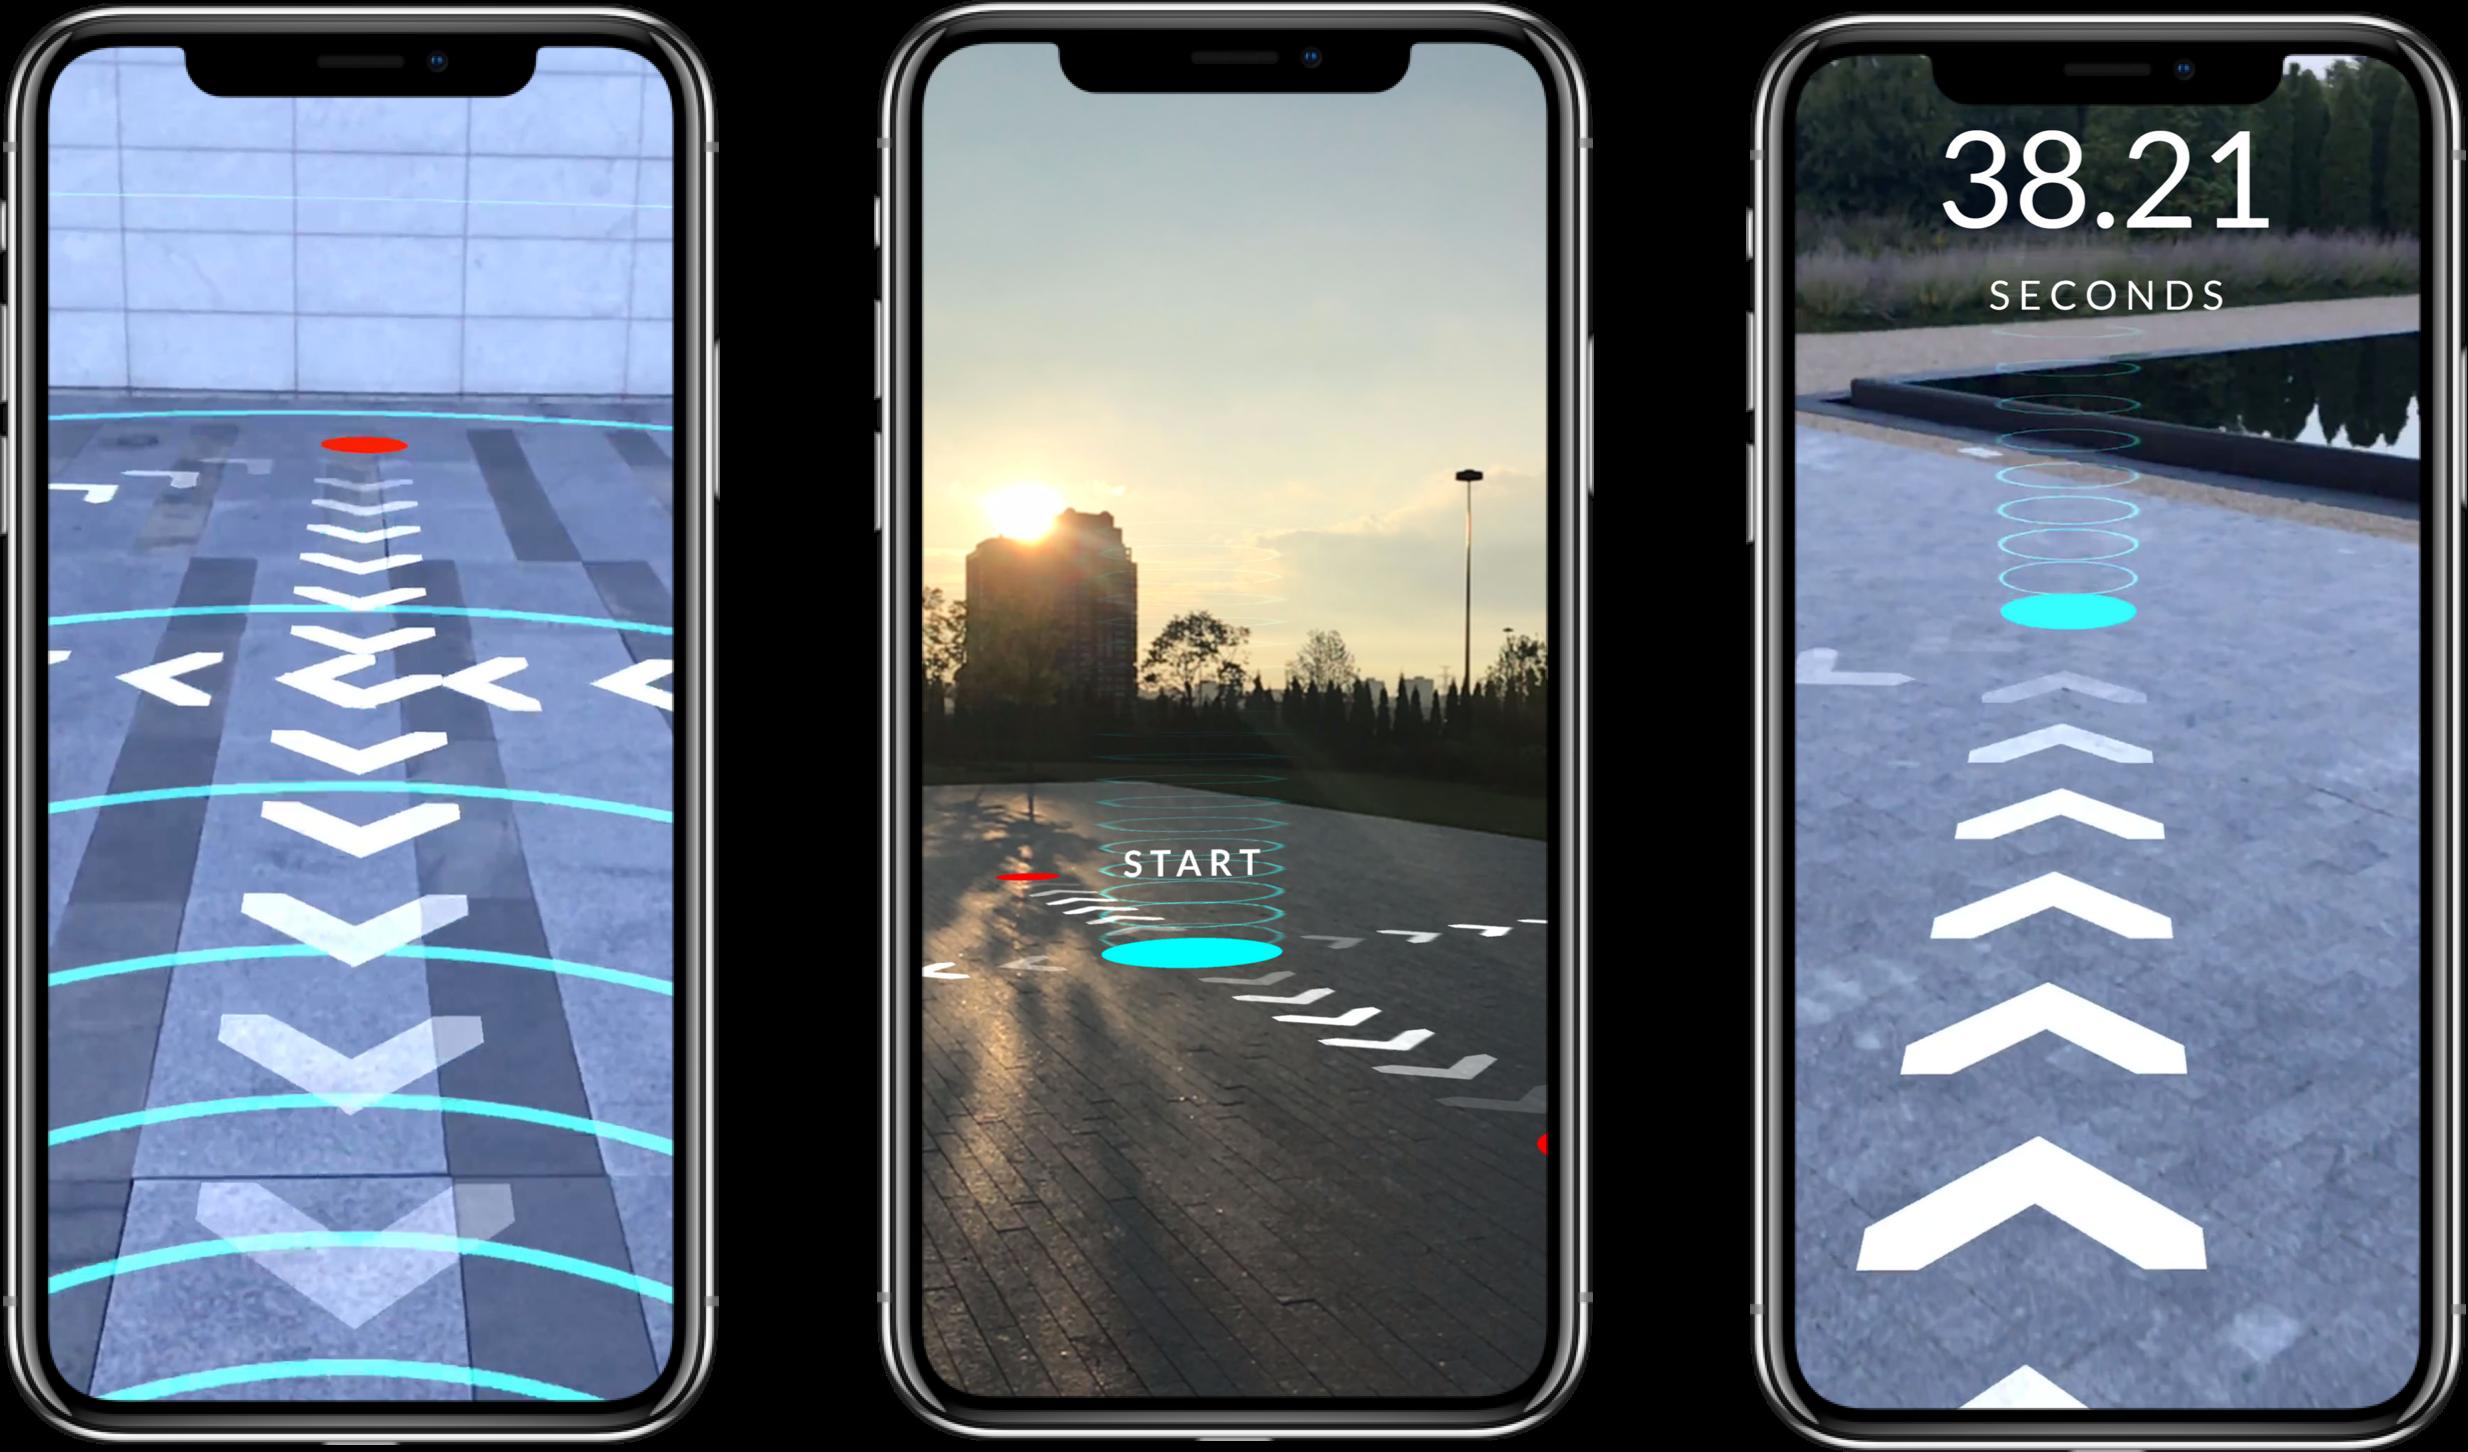 AR Running App